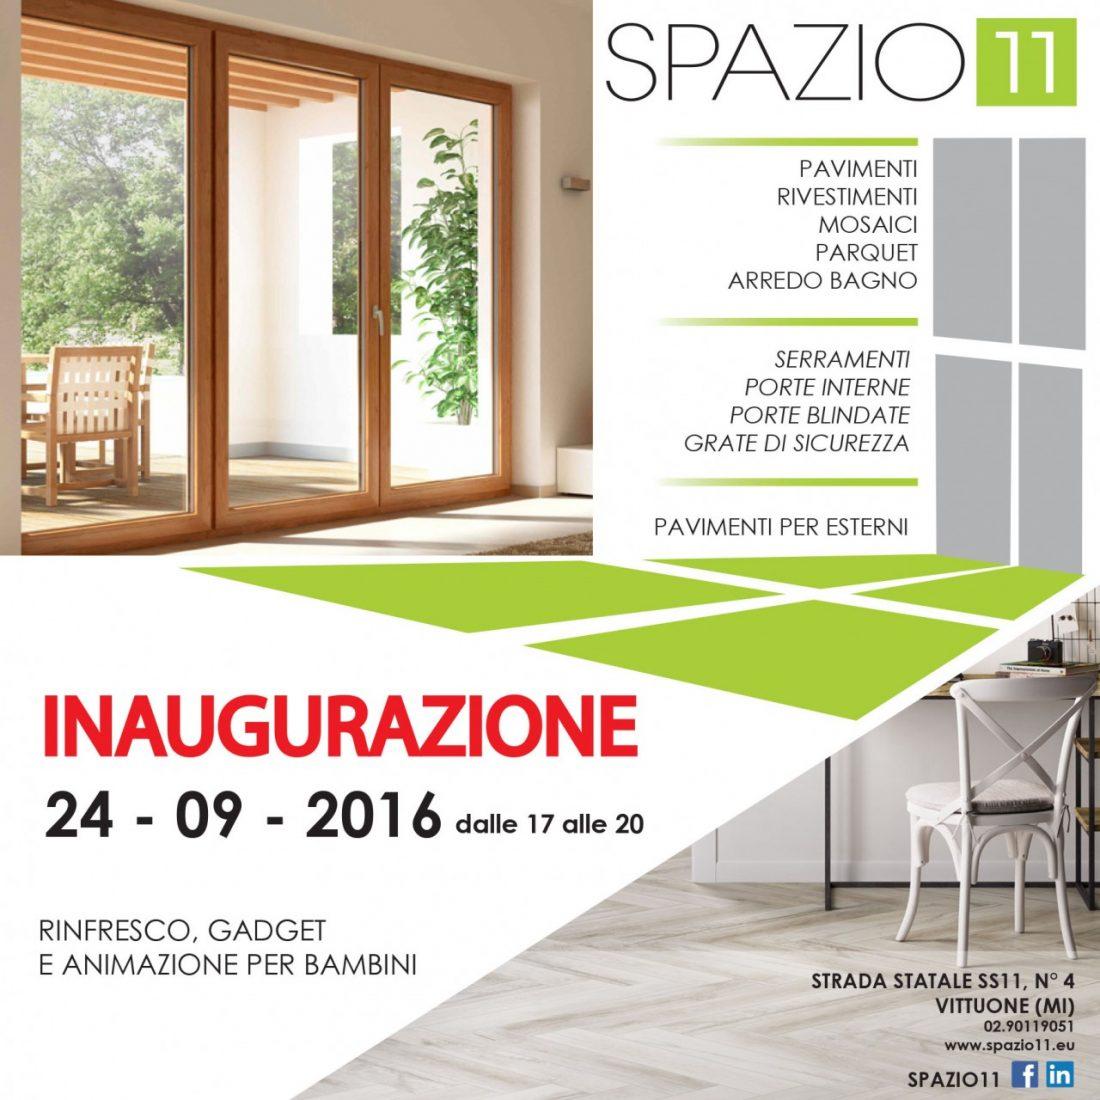 Inaugurazione Spazio 11